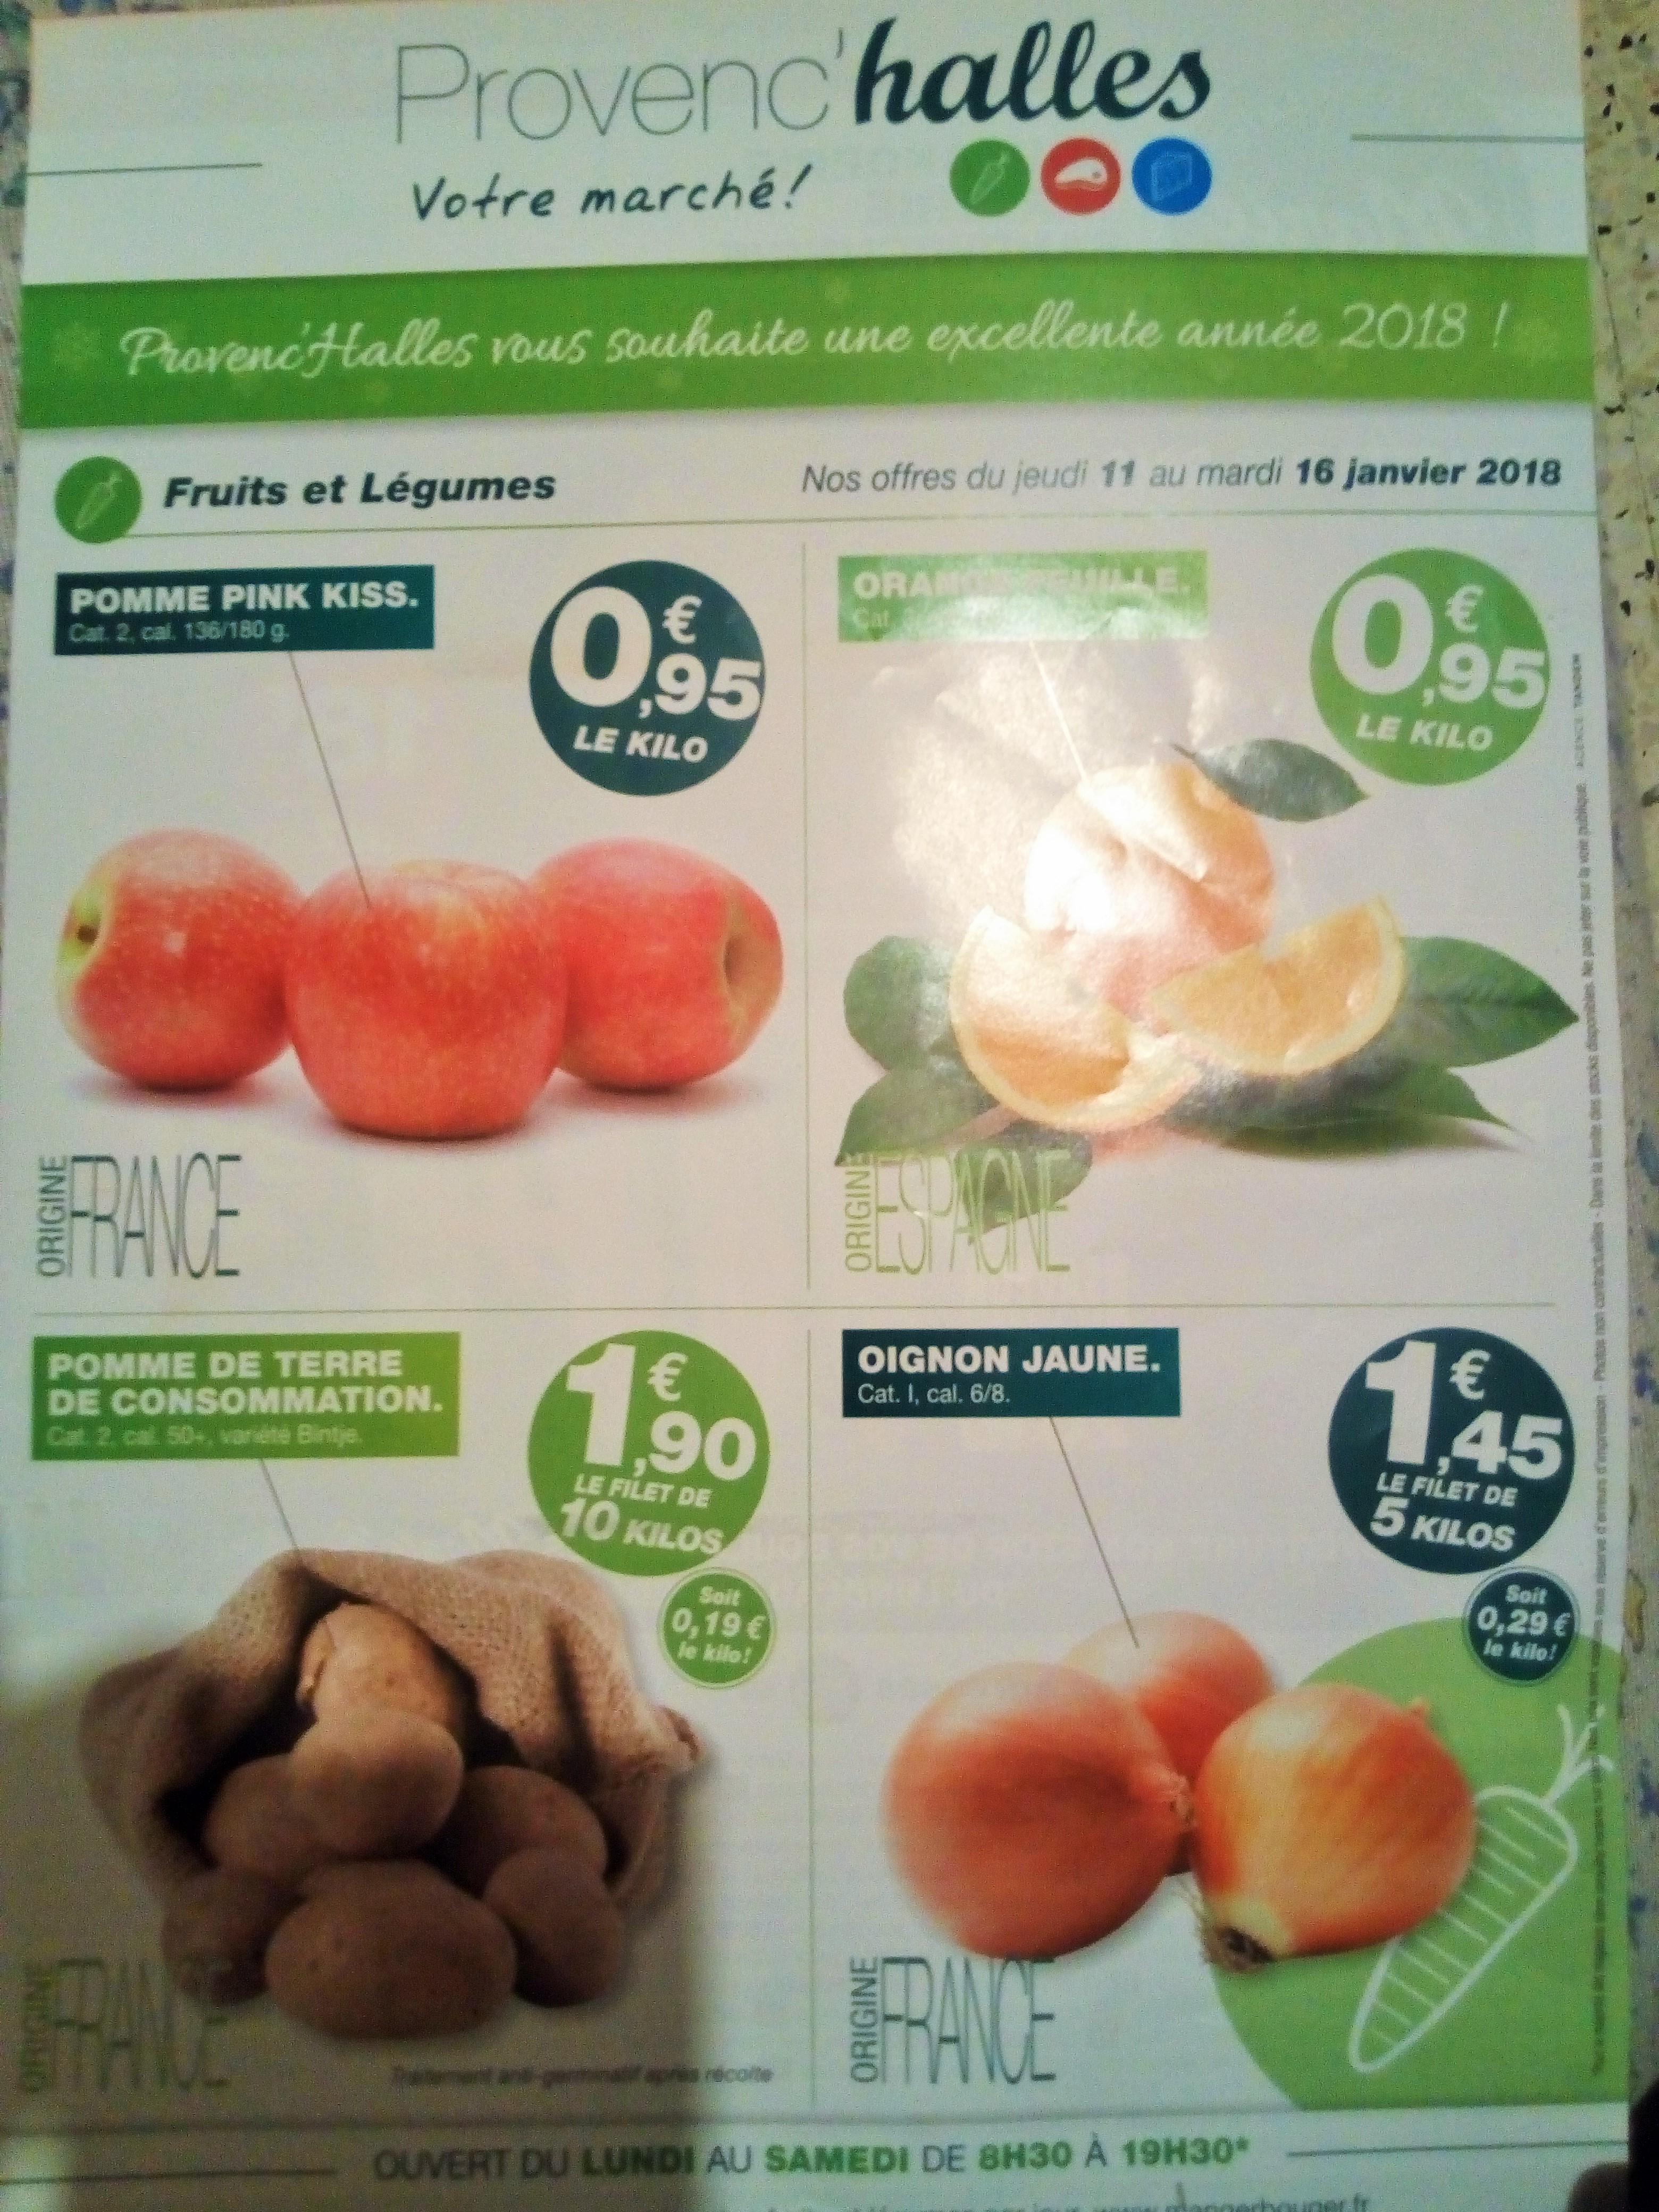 Sélection de produits en promotion - Ex: Filet d'oignon de 5 Kilos - Provenc'Halles